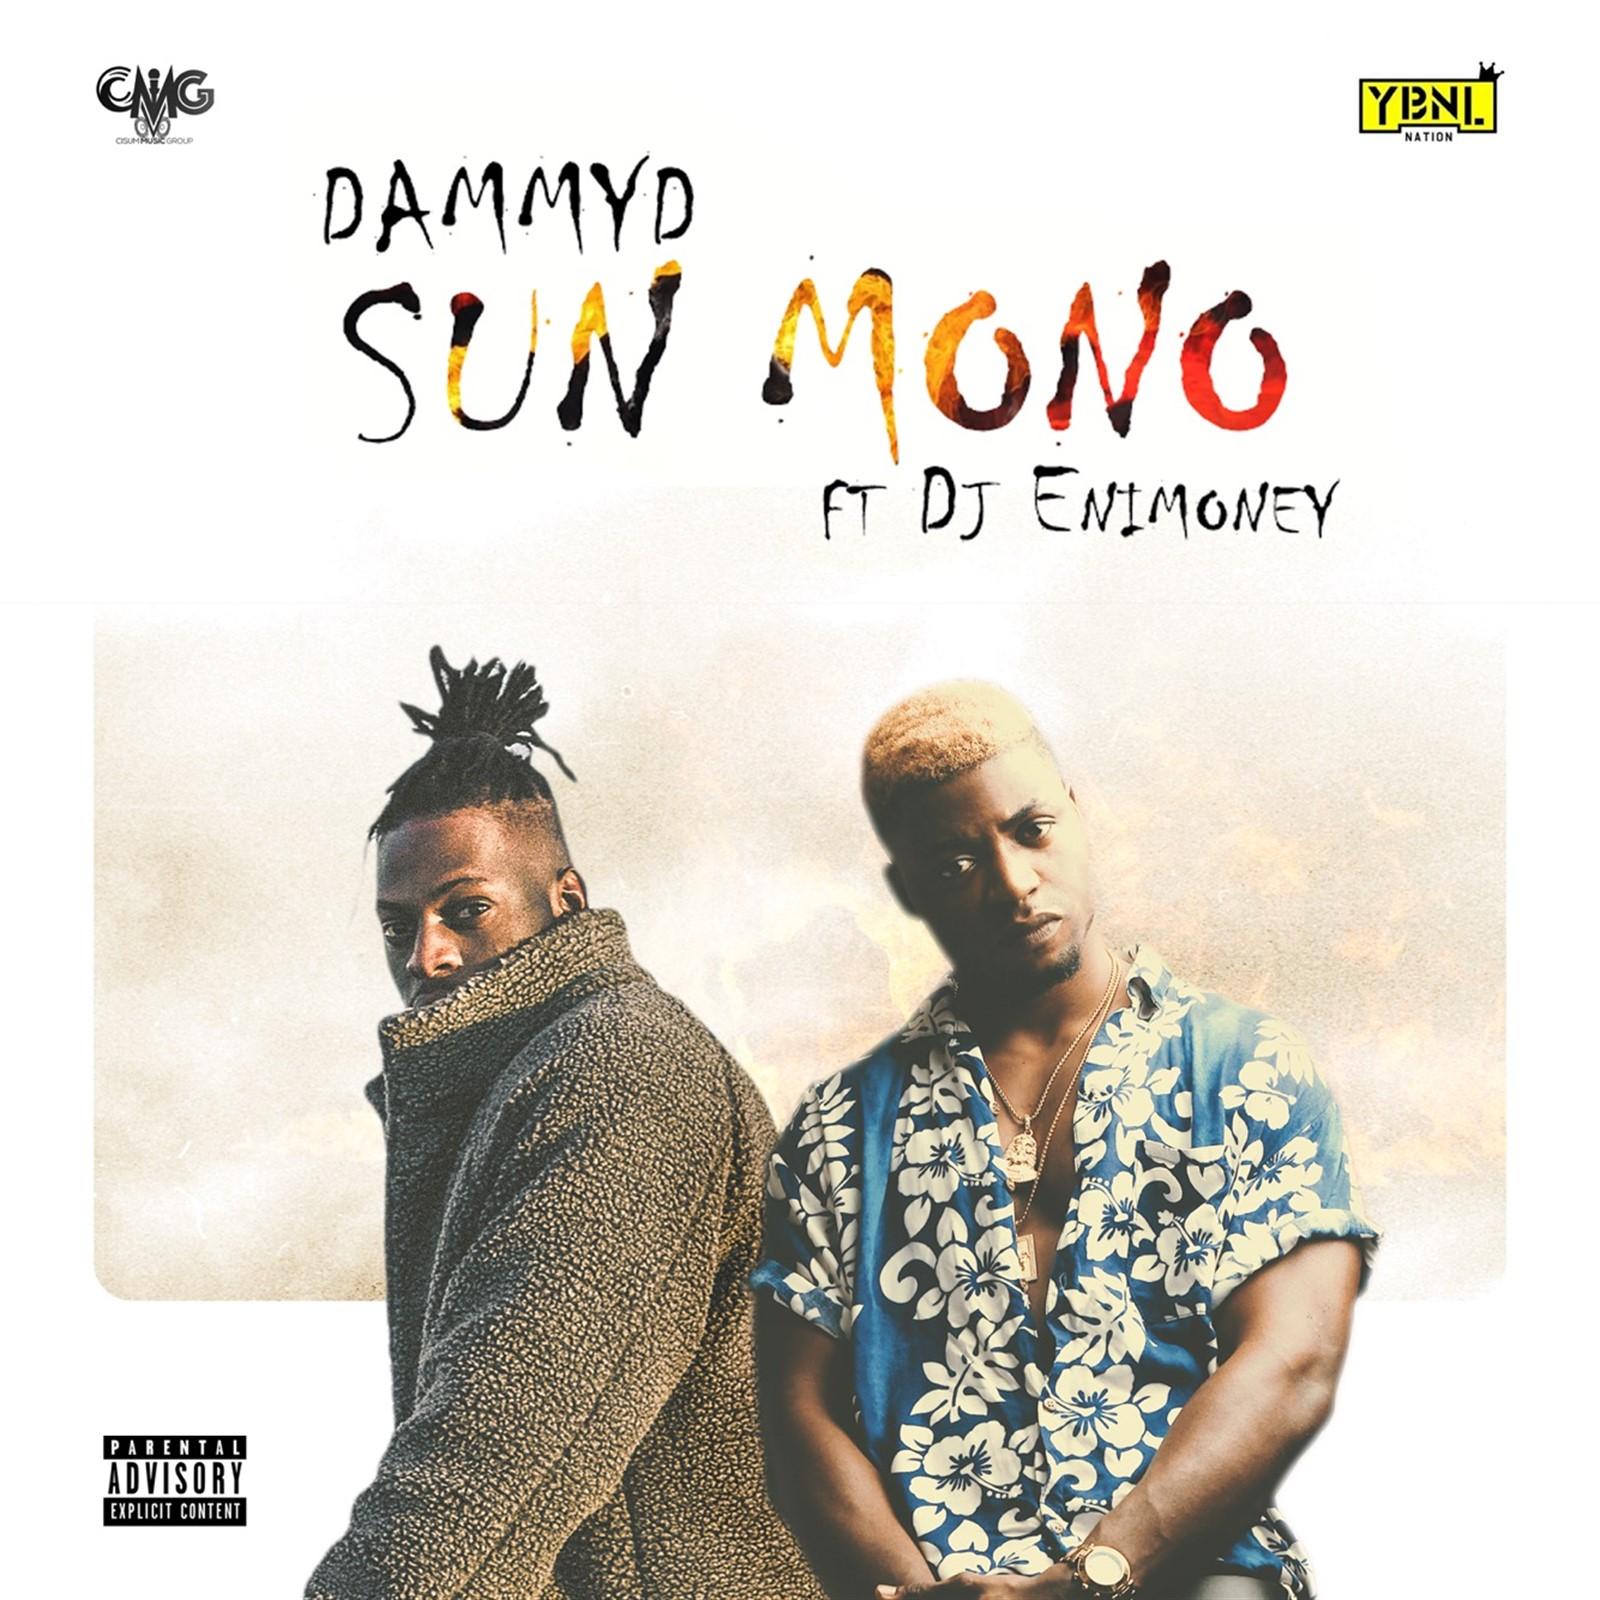 DammyD – Sunmono ft. DJ Enimoney